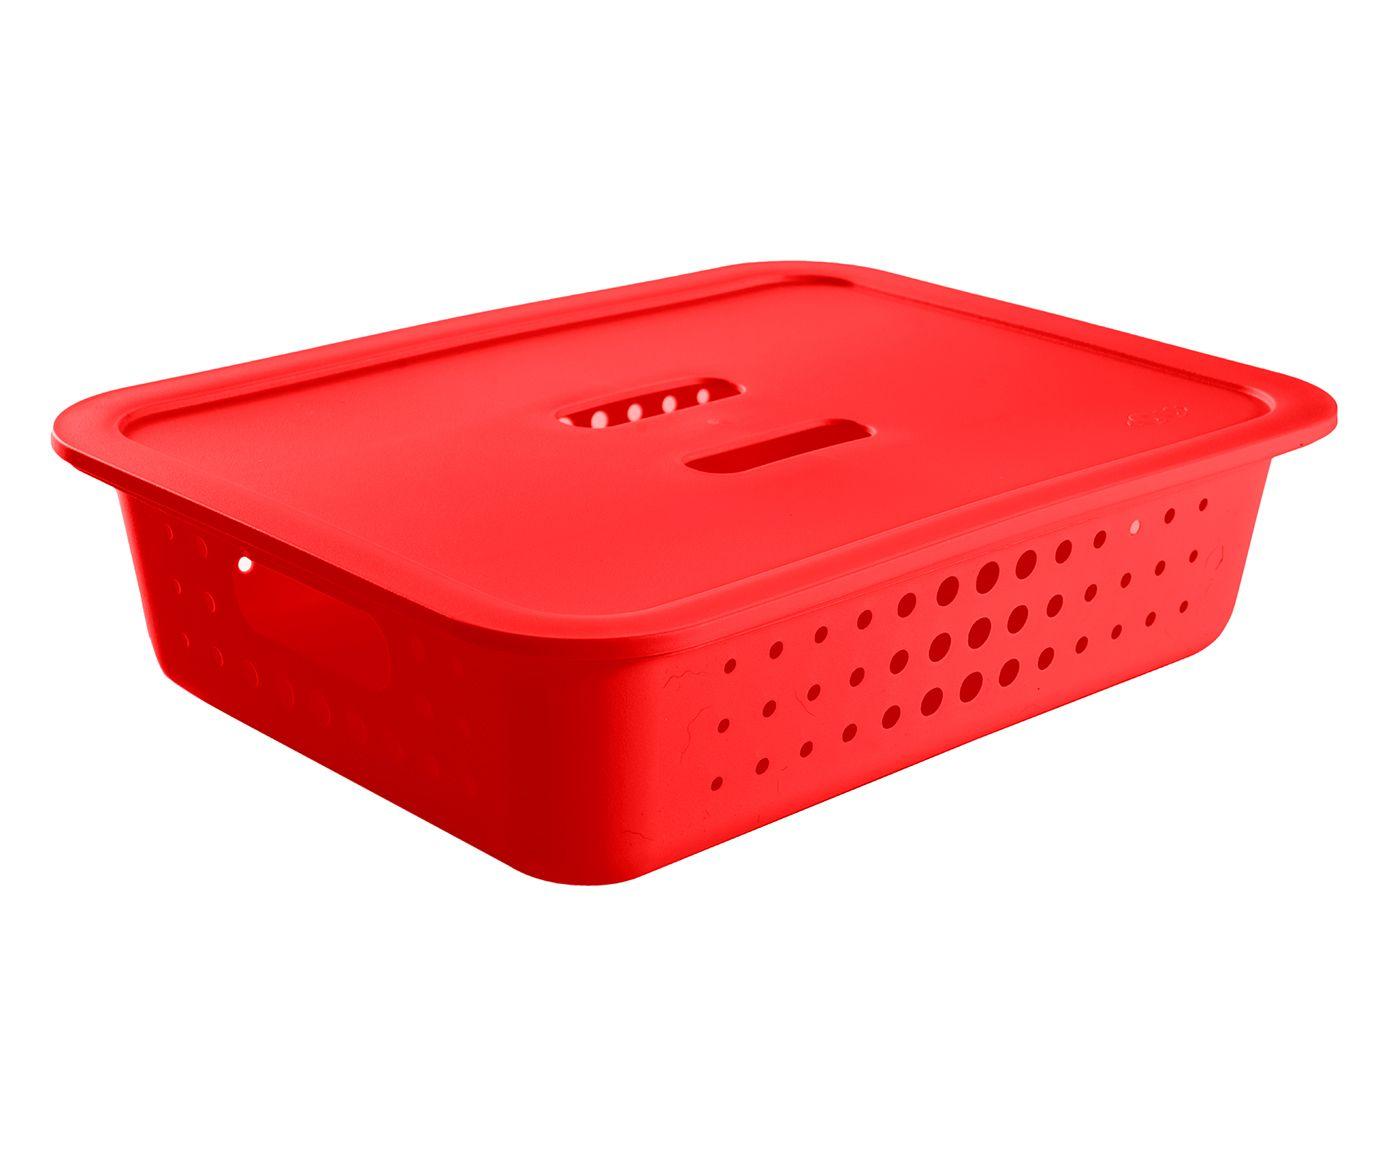 Cesto Organizador Baixo com Tampa Pratic Vermelha - 41X31,5cm | Westwing.com.br